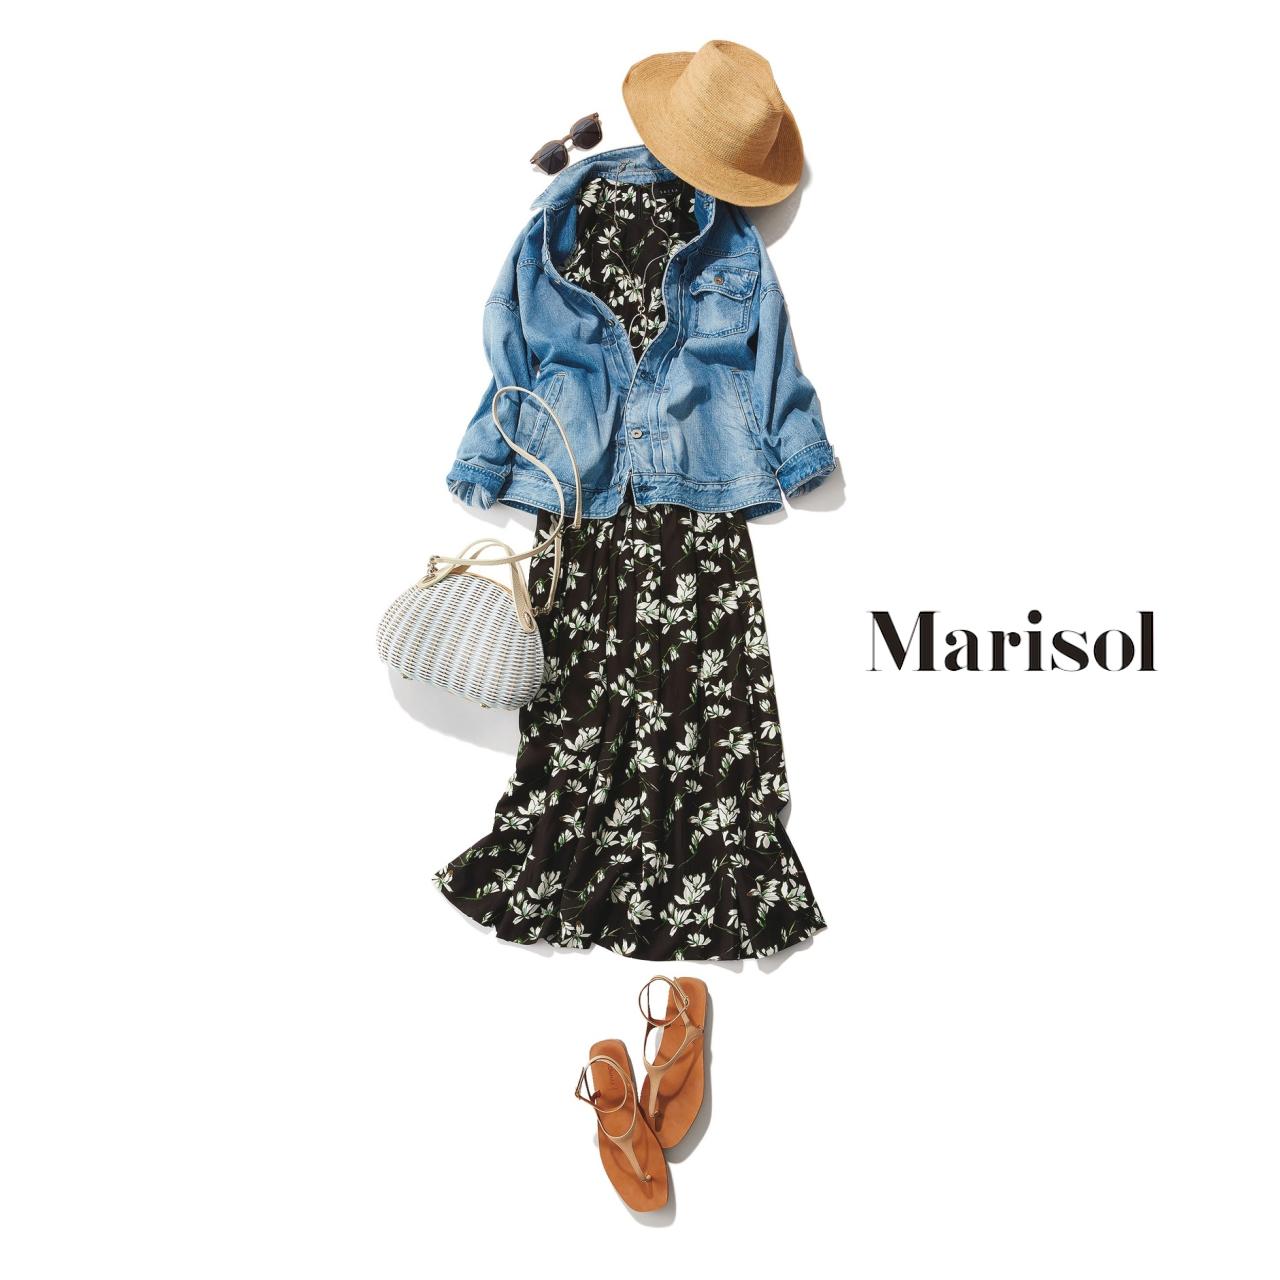 40代ファッション デニムジャケット×花柄ワンピース×帽子コーデ